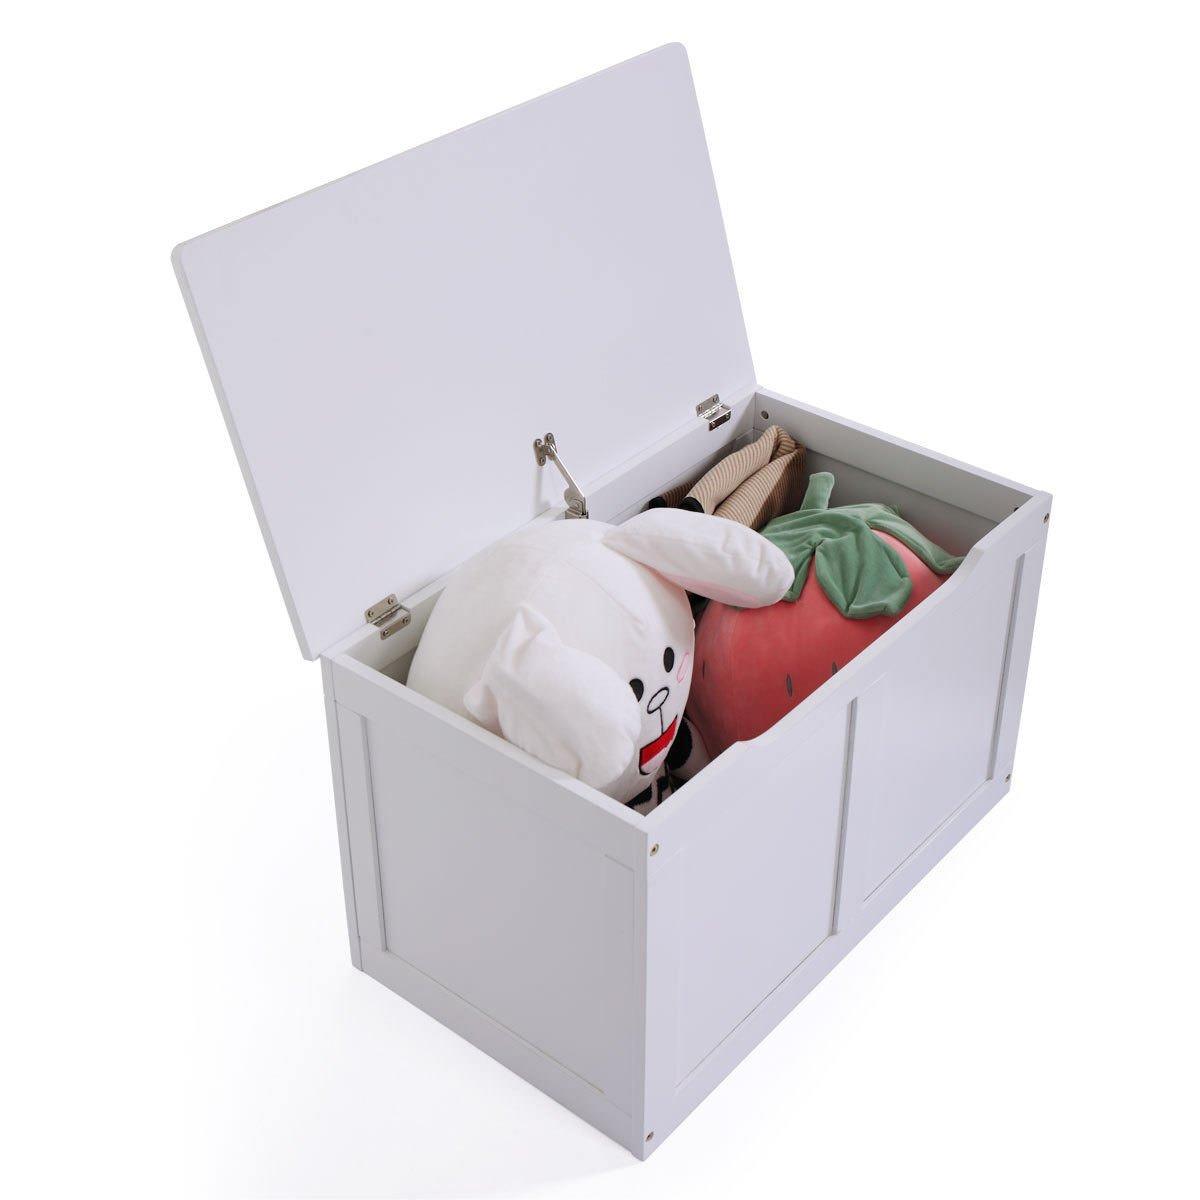 JAXPETY Wooden Toy Box Storage Chest Kids Bench Organizer Furniture White Bin Playroom